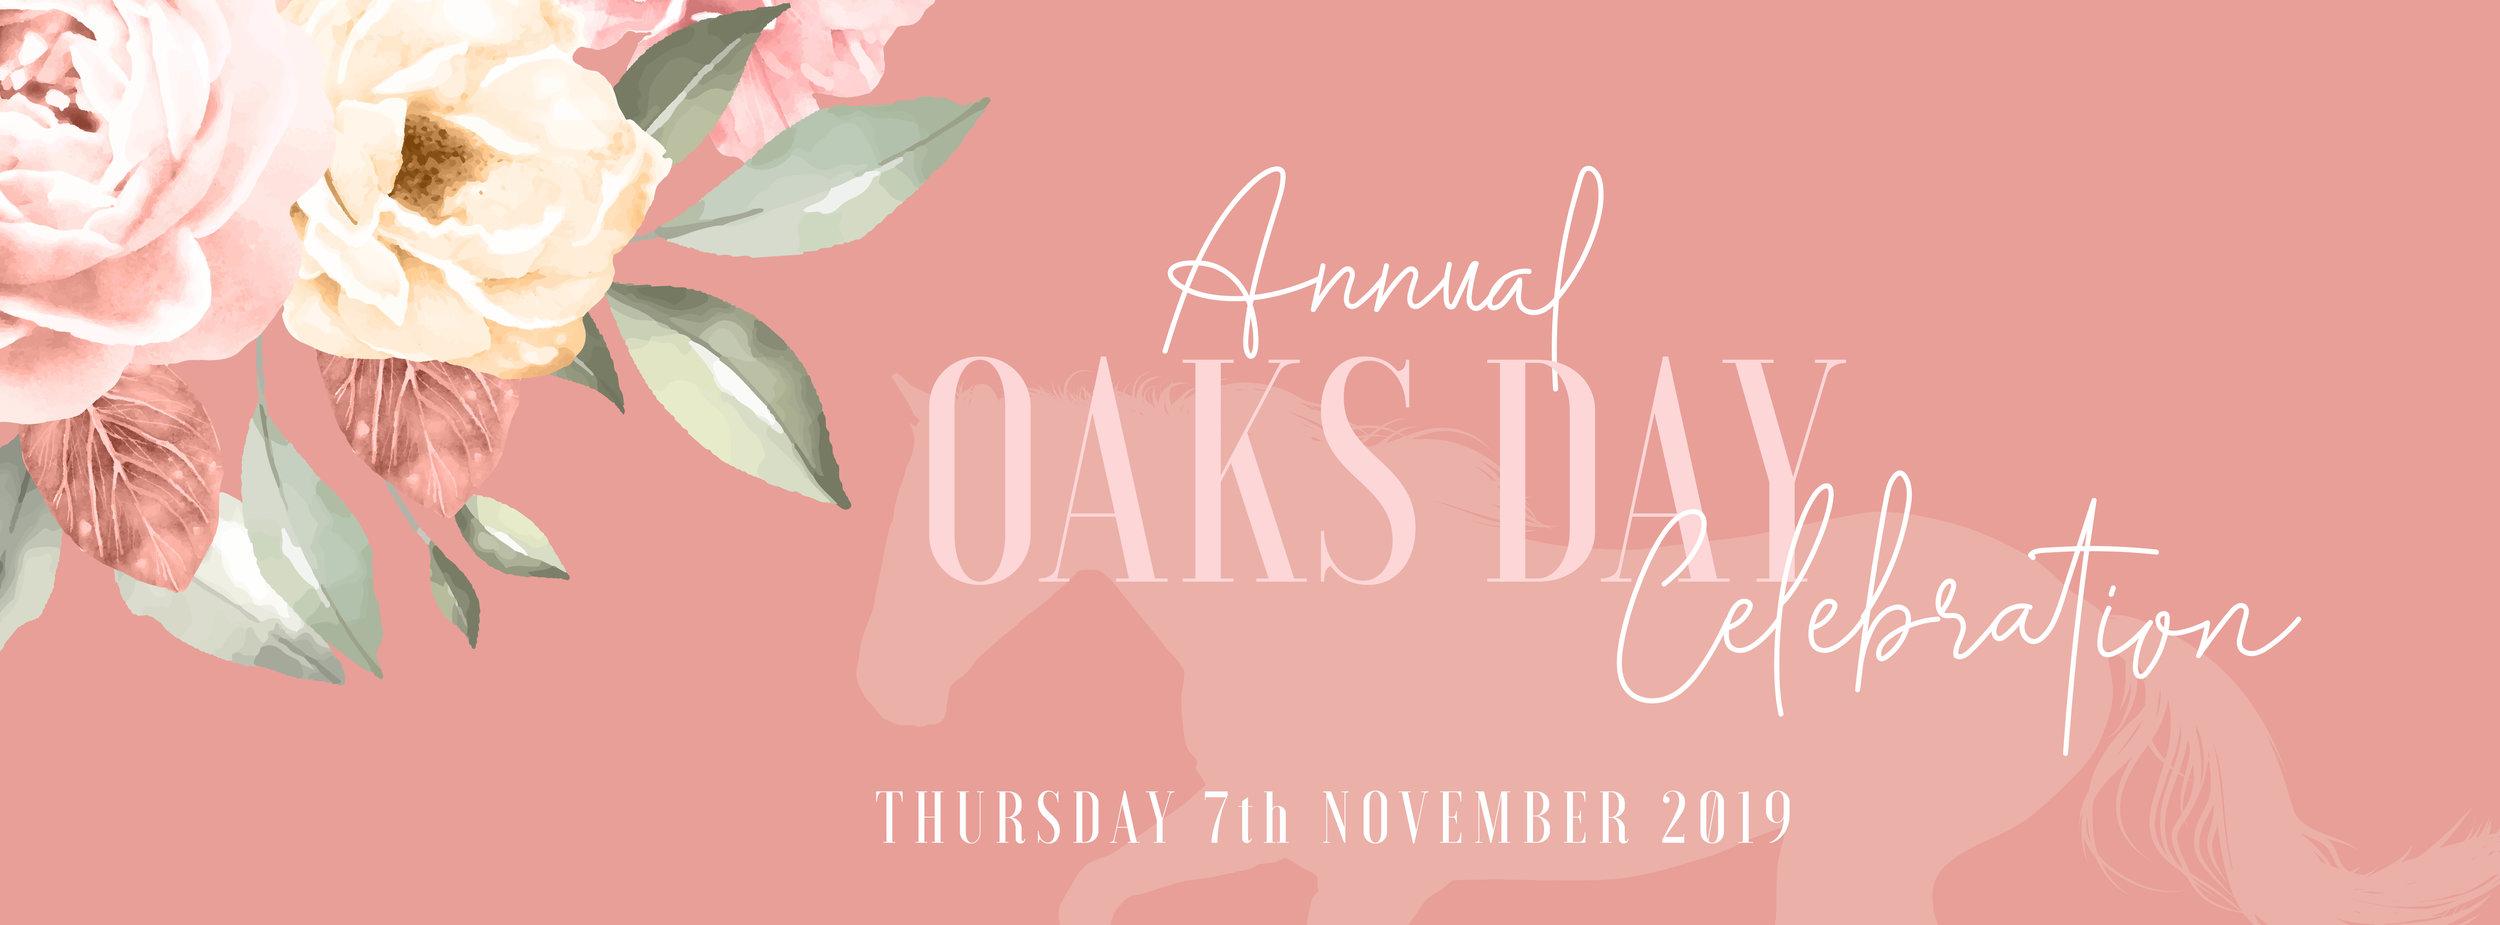 Oaks Day 201911.jpg